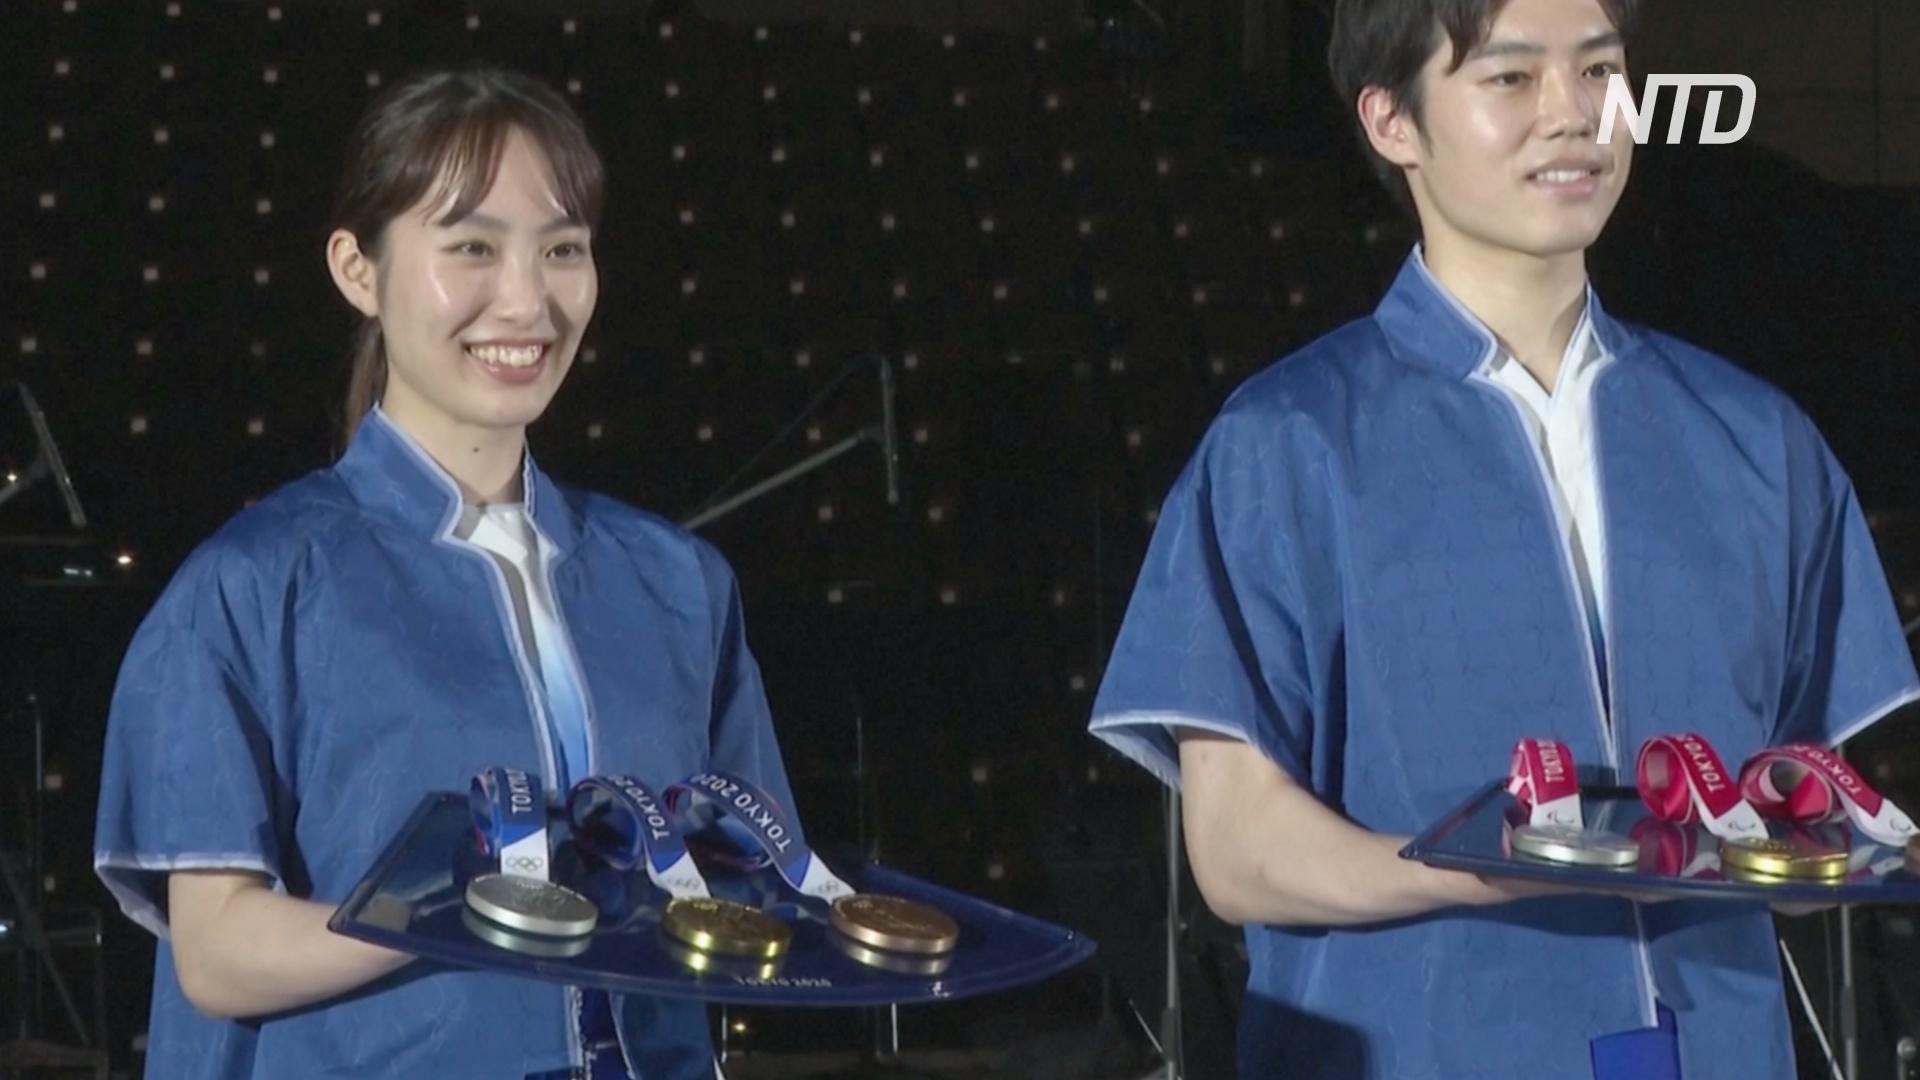 За 50 дней до Игр-2020 в Токио представили пьедестал и музыку для церемонии награждения